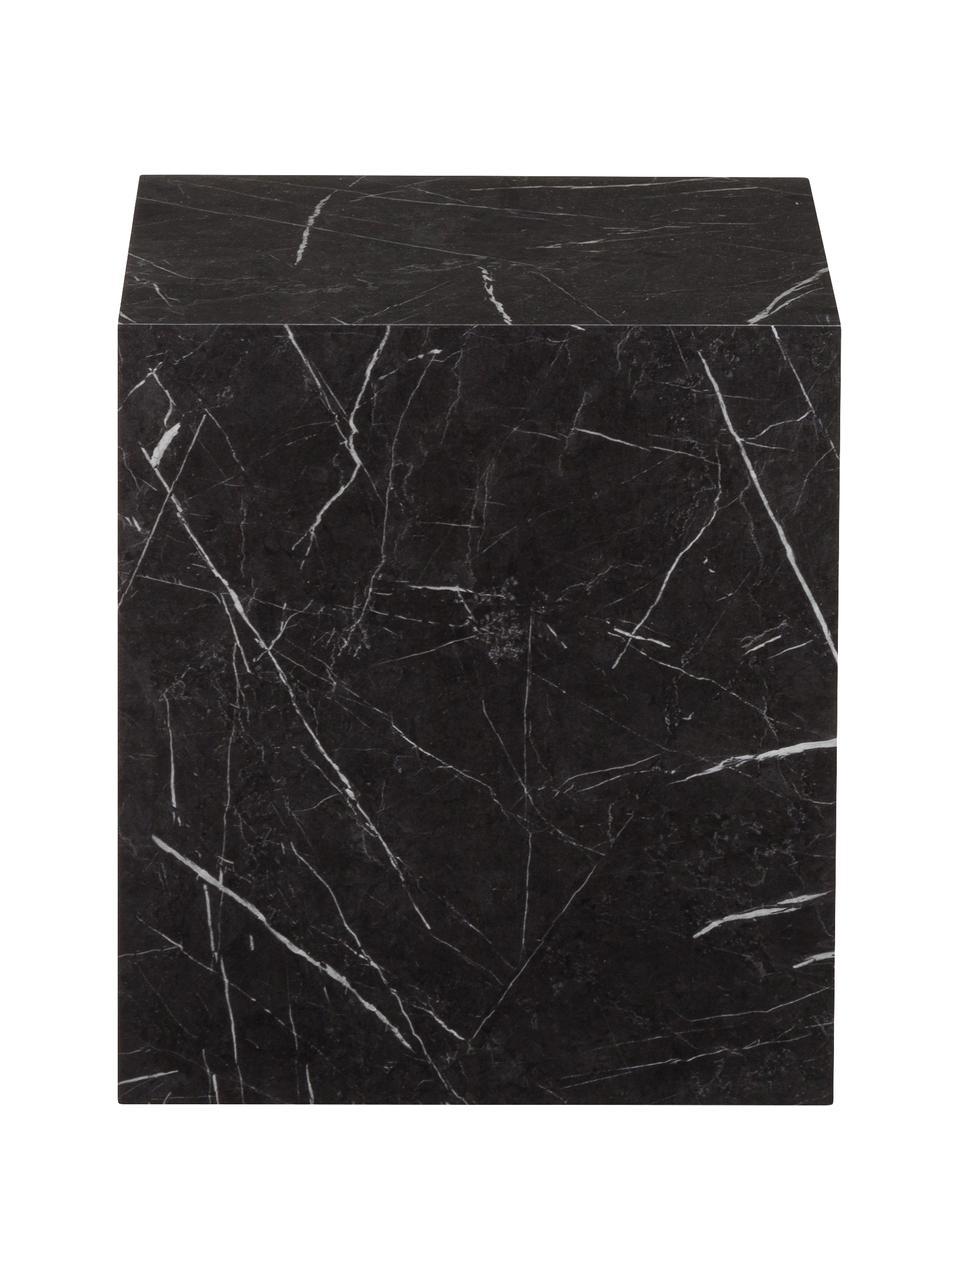 Mesa auxiliar en aspecto mármol Lesley, Tablero de fibras de densidad media(MDF), recubierto en melanina, Negro veteado brillante, An 45 x Al 50 cm